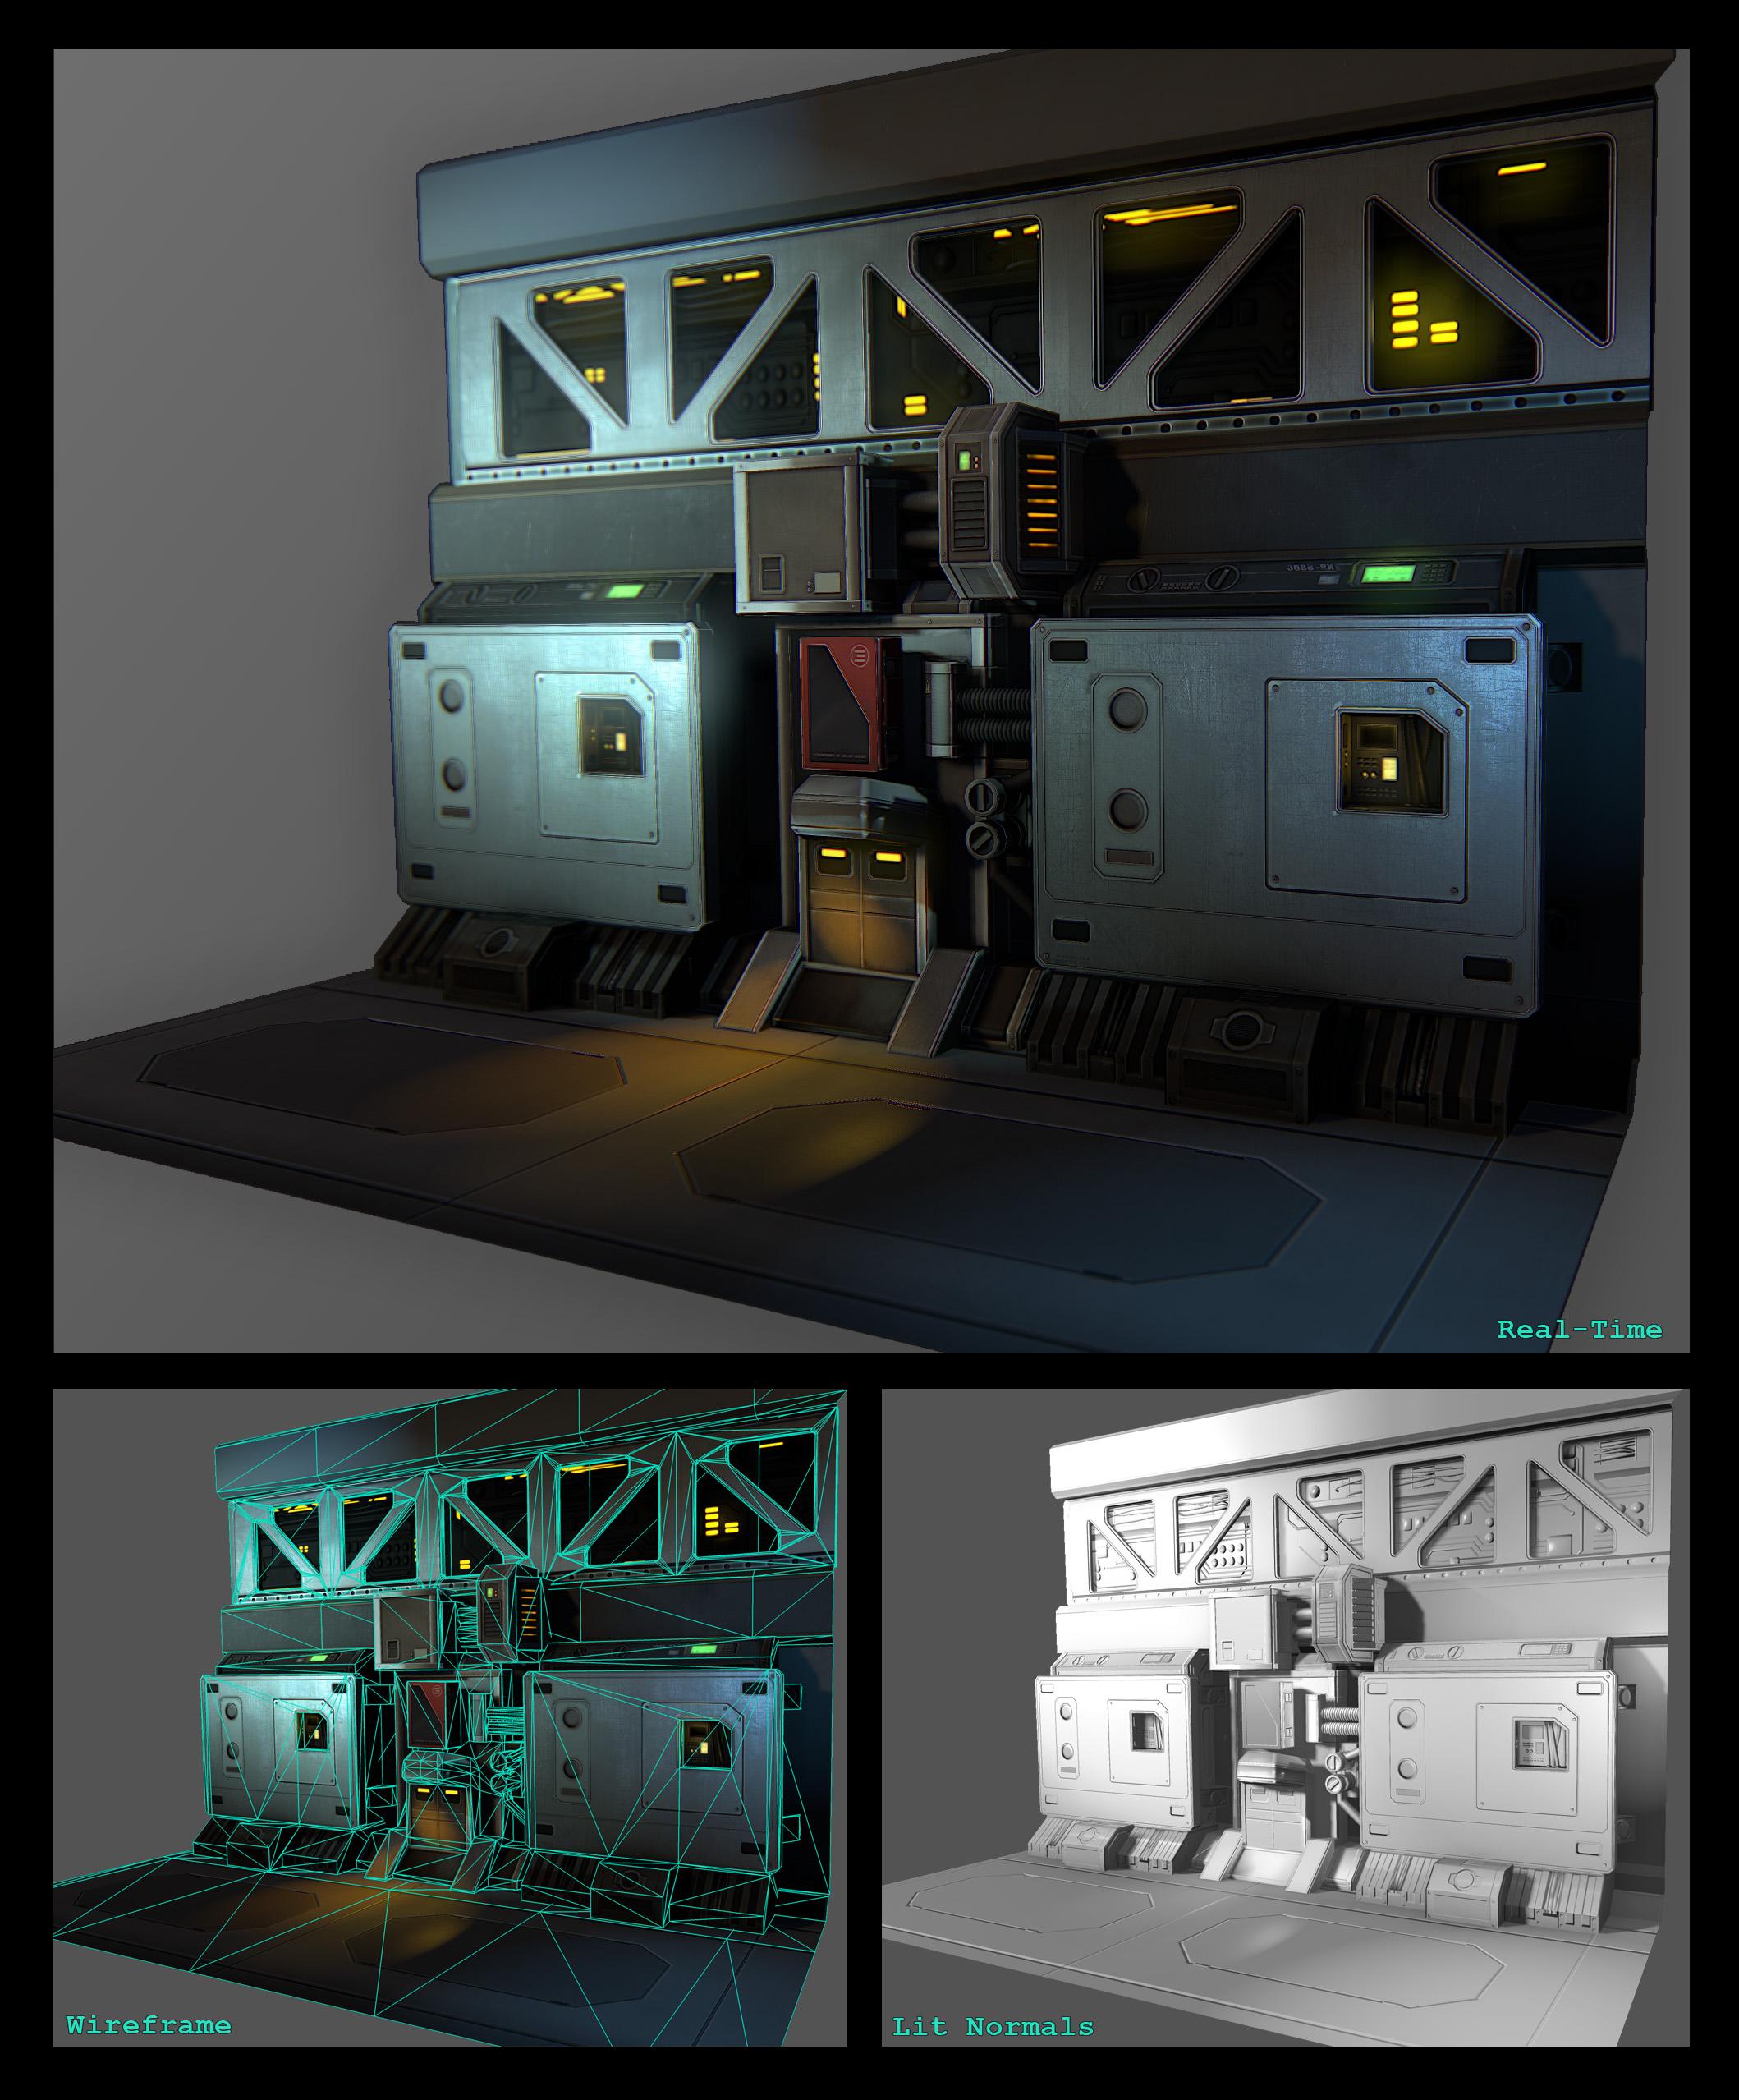 Tim Spanjer - CG Artist - 3D Modeler